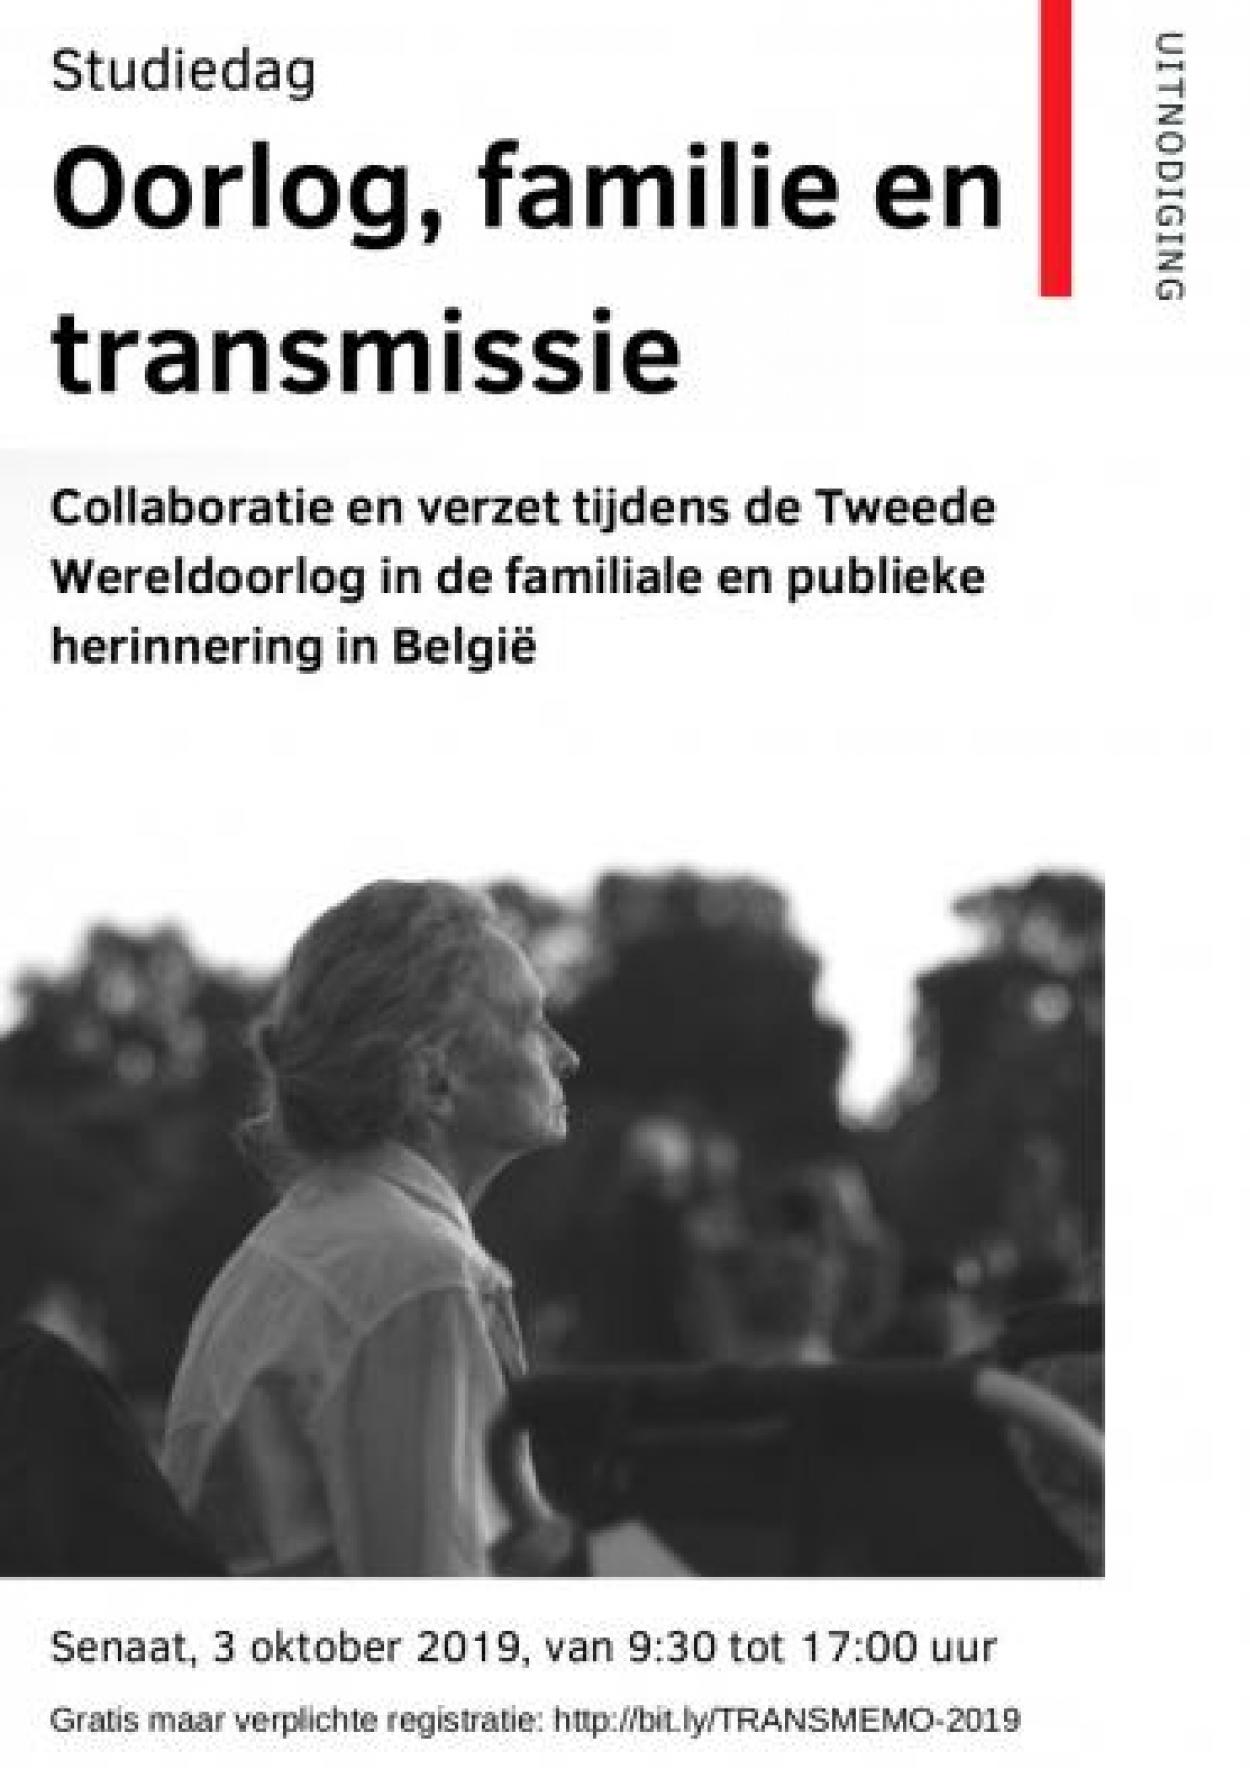 transmemo-nl.jpg